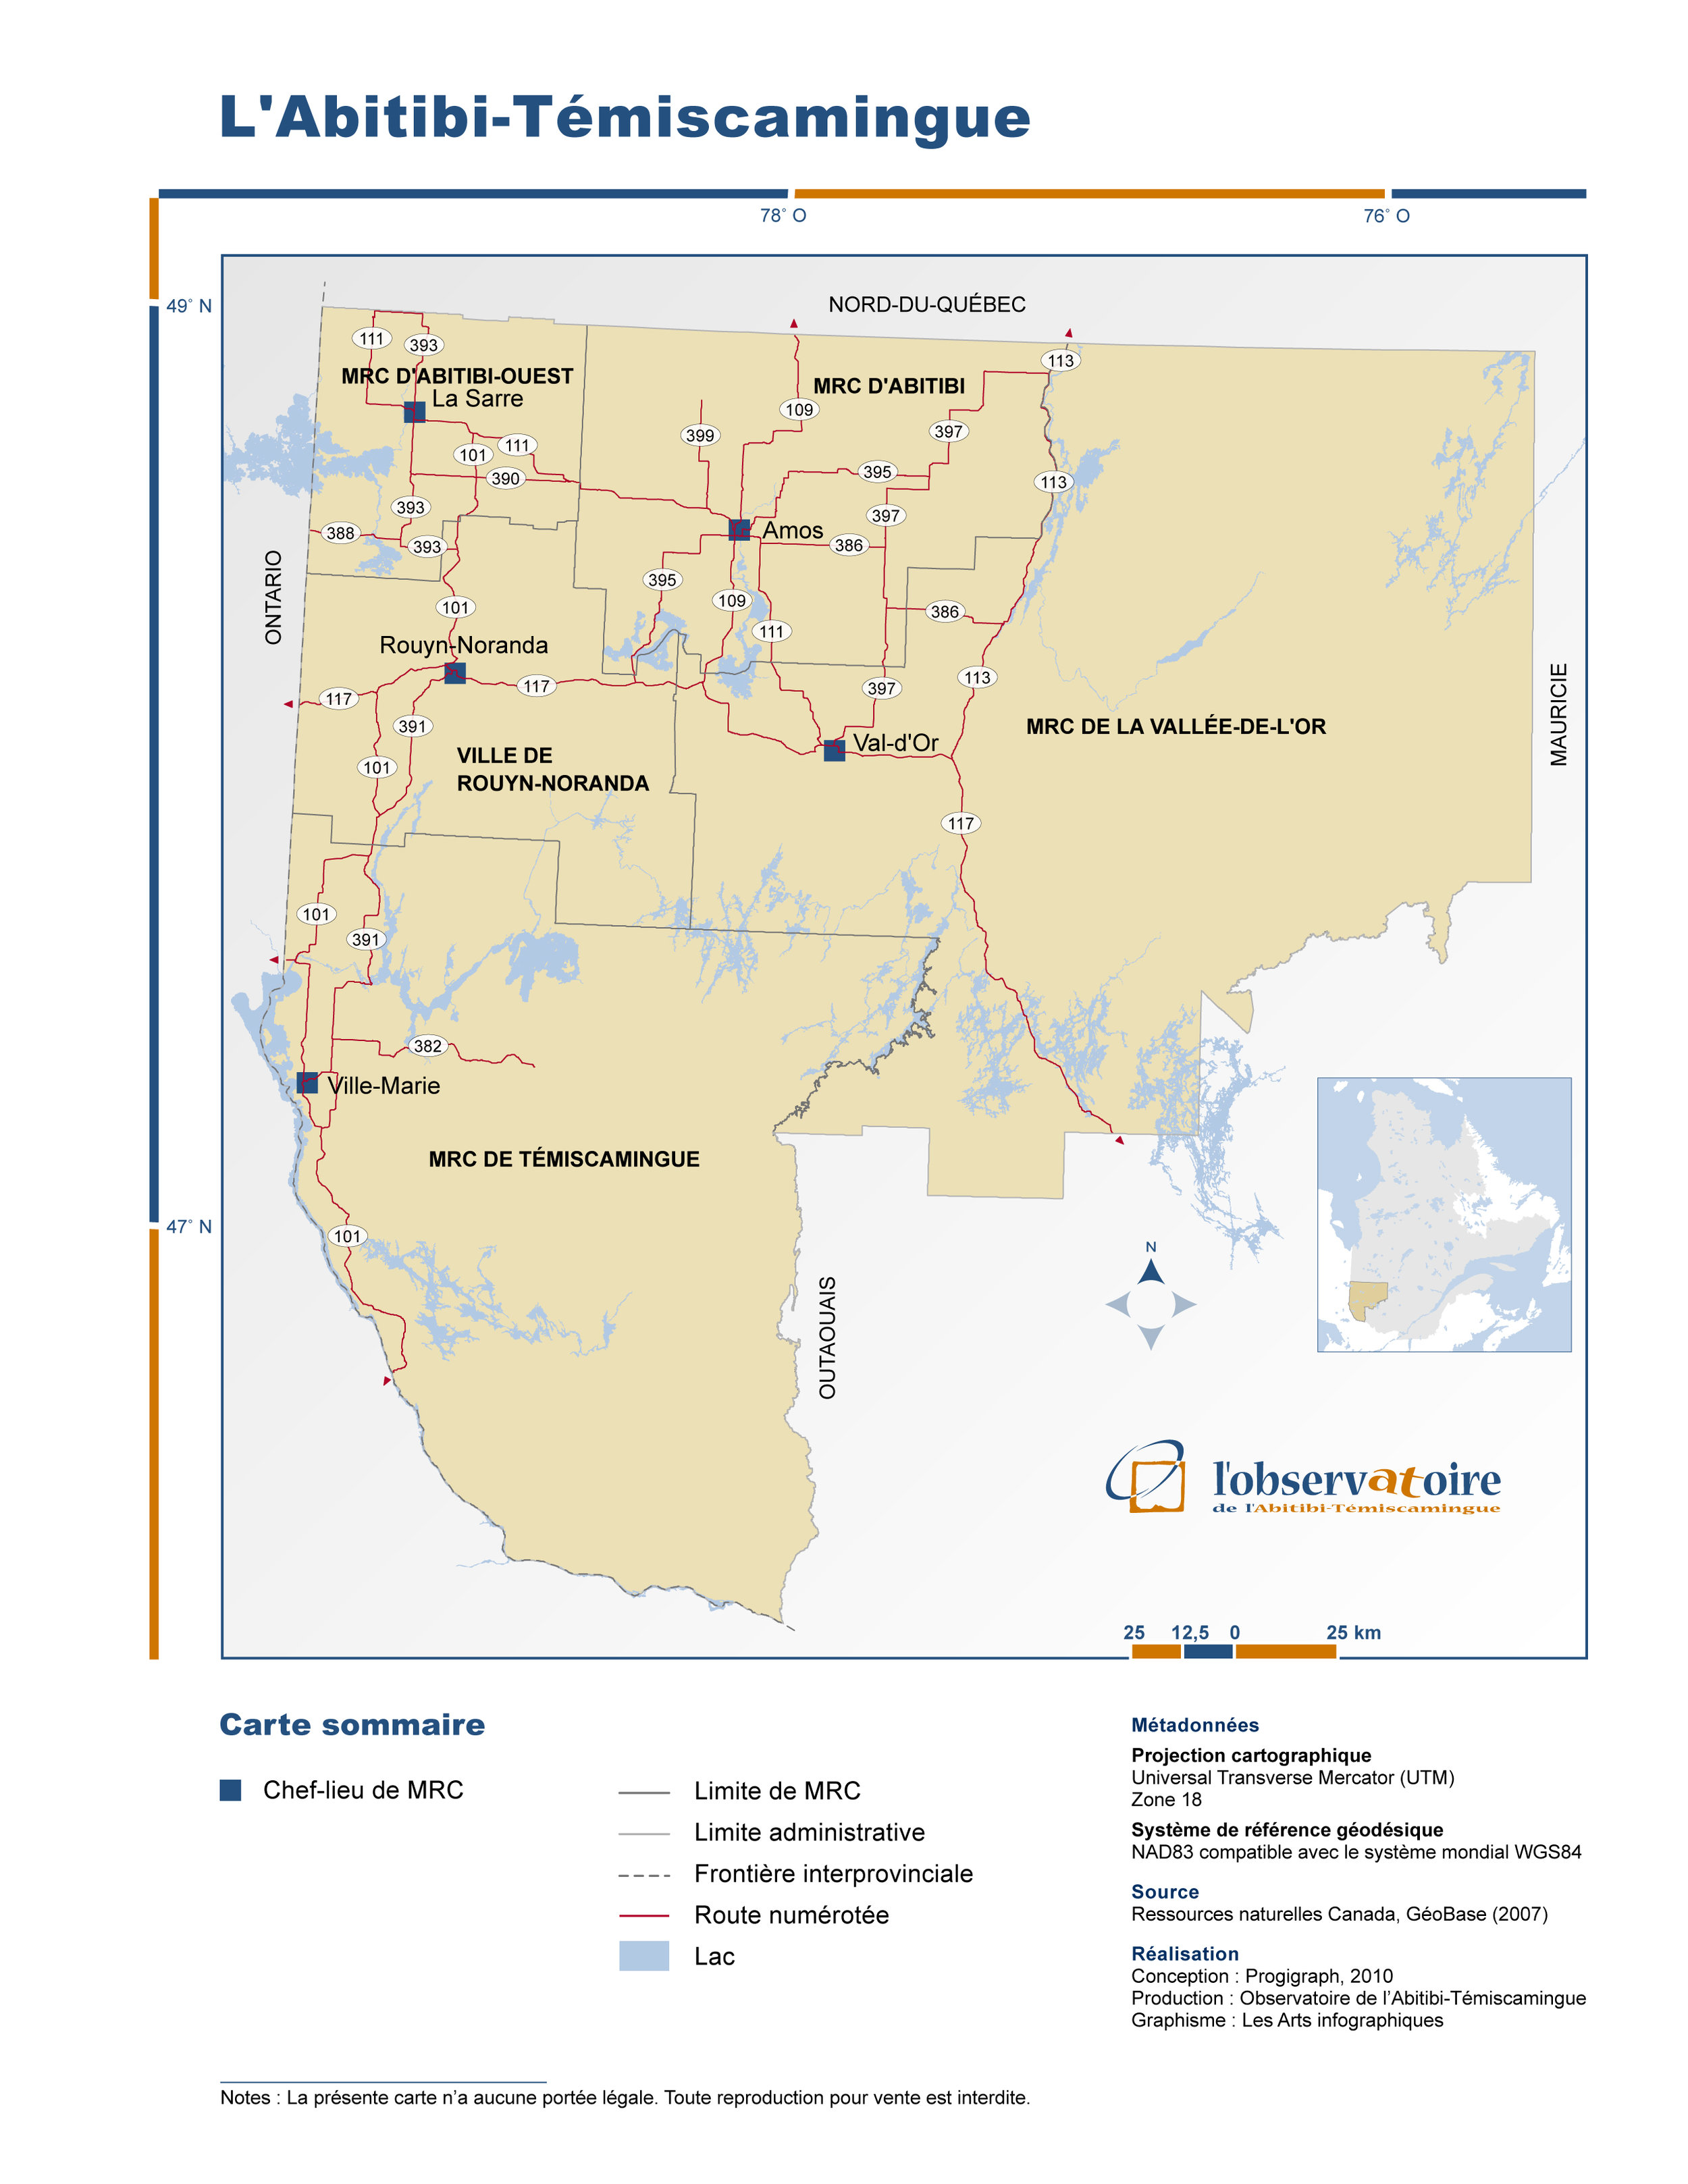 Carte de l'Abitibi-Témiscamingue (source: l'Observatoire de l'Abitibi-Témiscamingue)